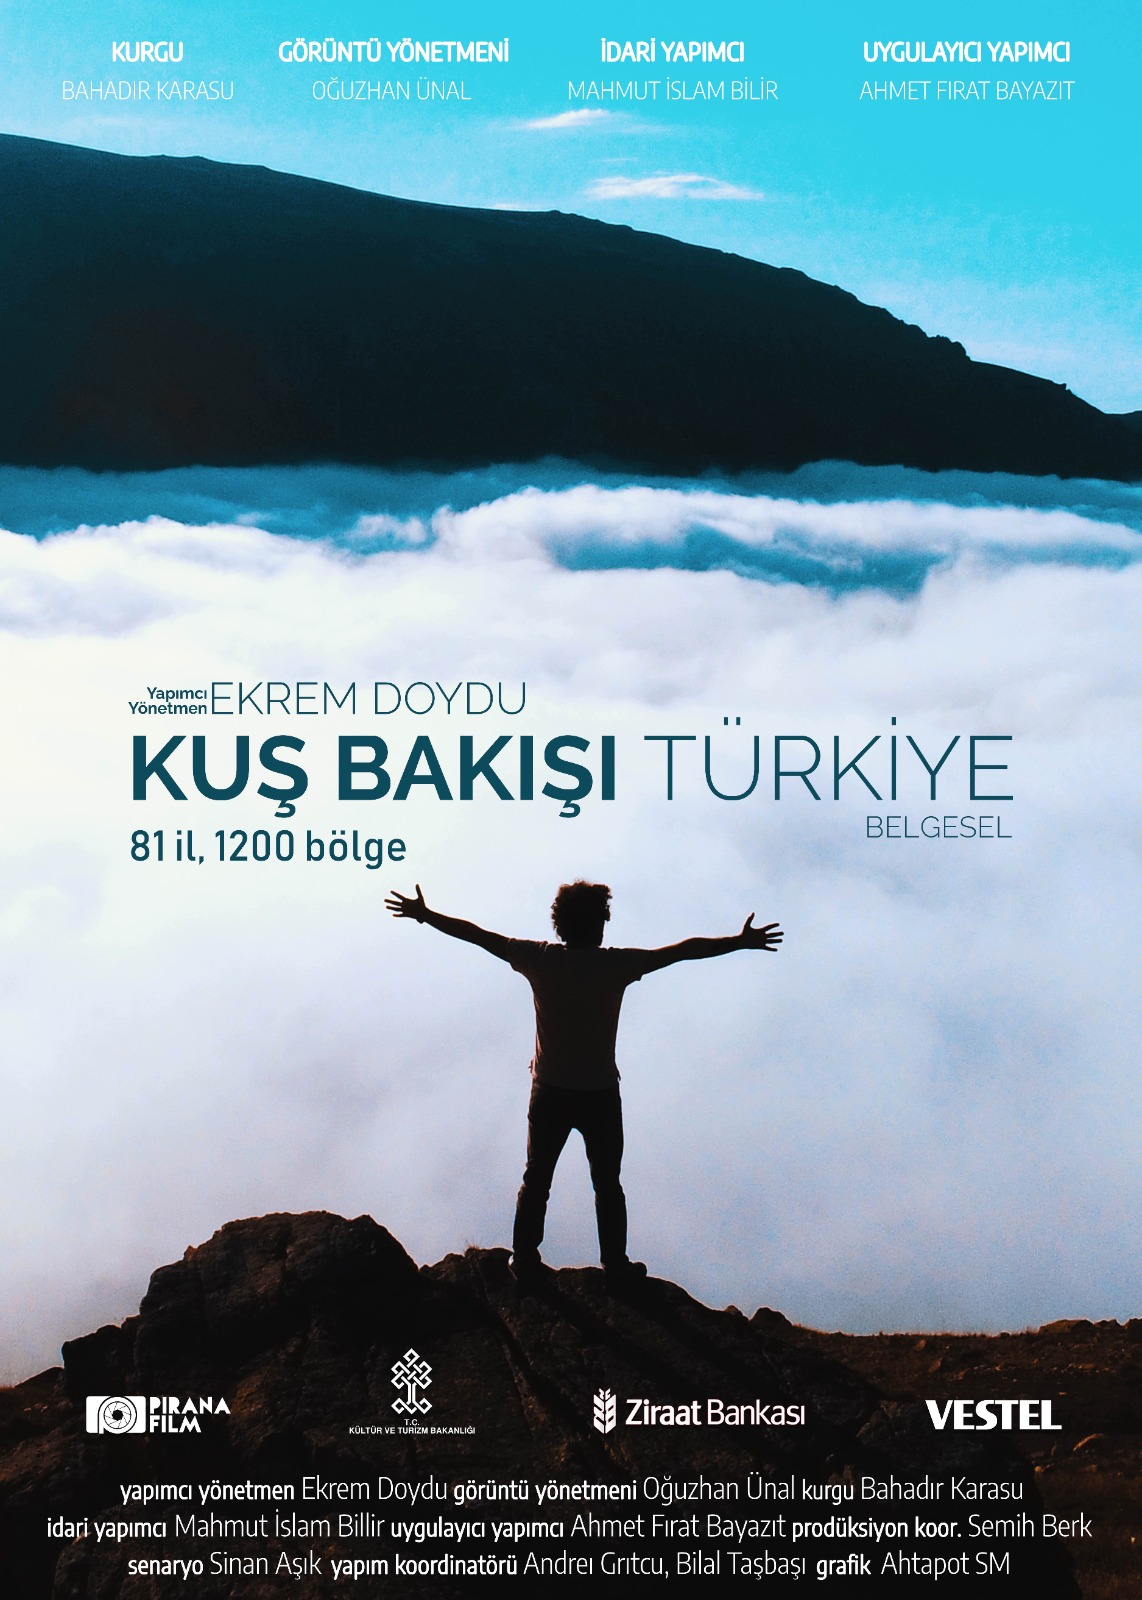 Kuş Bakışı Türkiye'nin sırrı sayılarda gizli